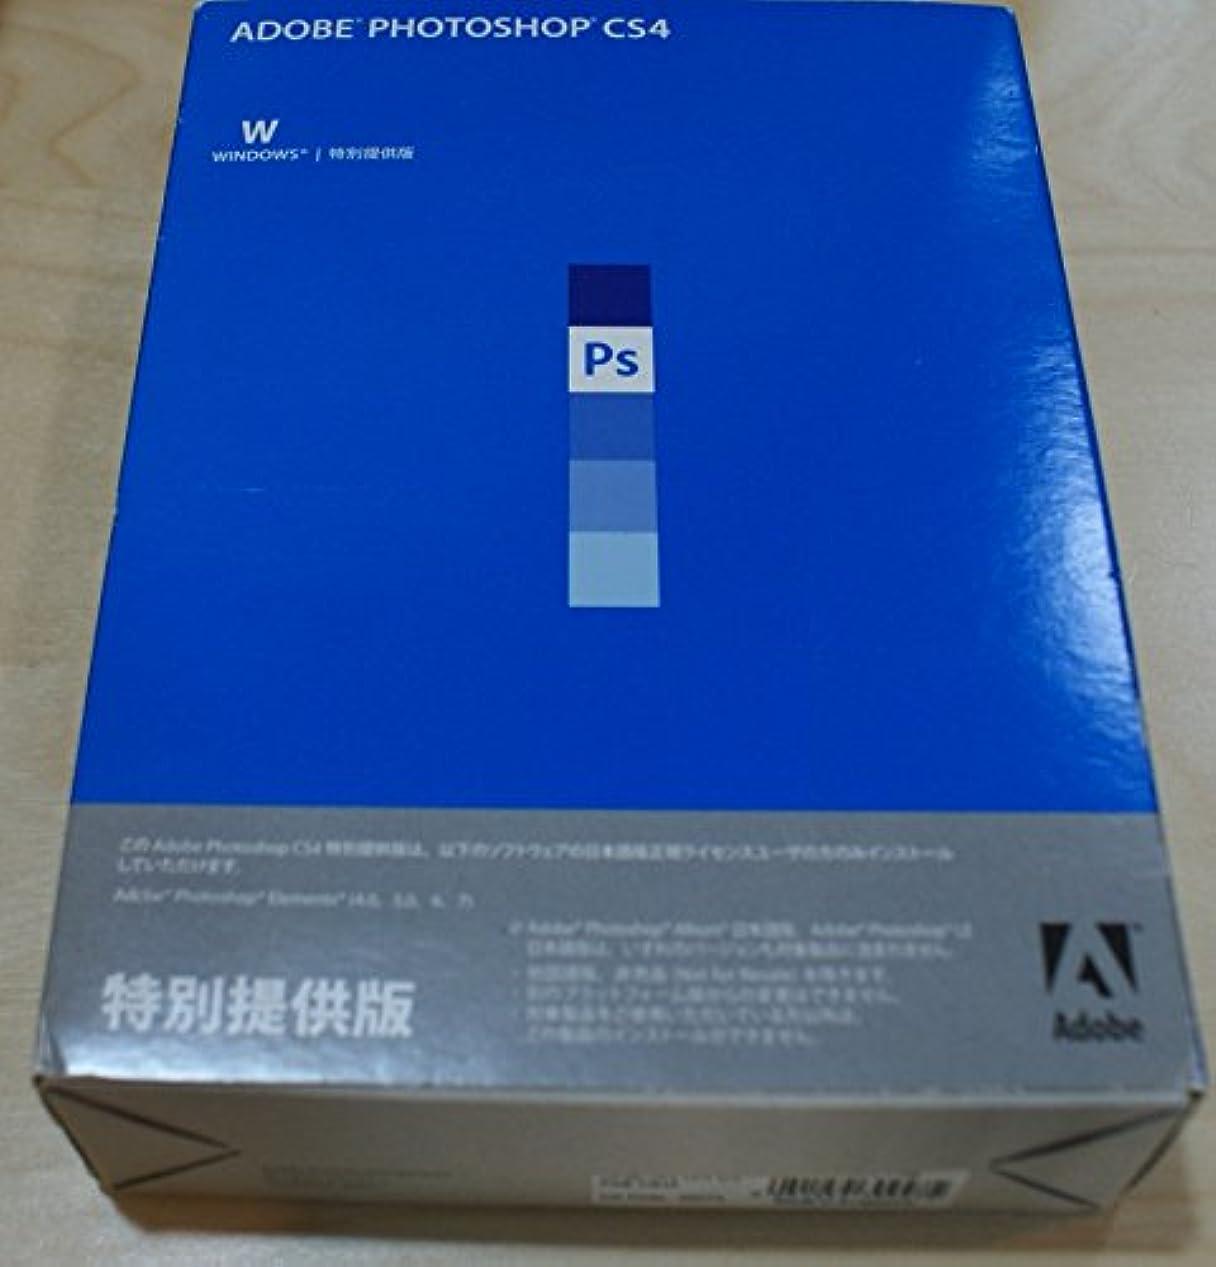 オーブンフルーツスケルトンADOBE PHOTOSHOP CS4 Windows 特別提供版